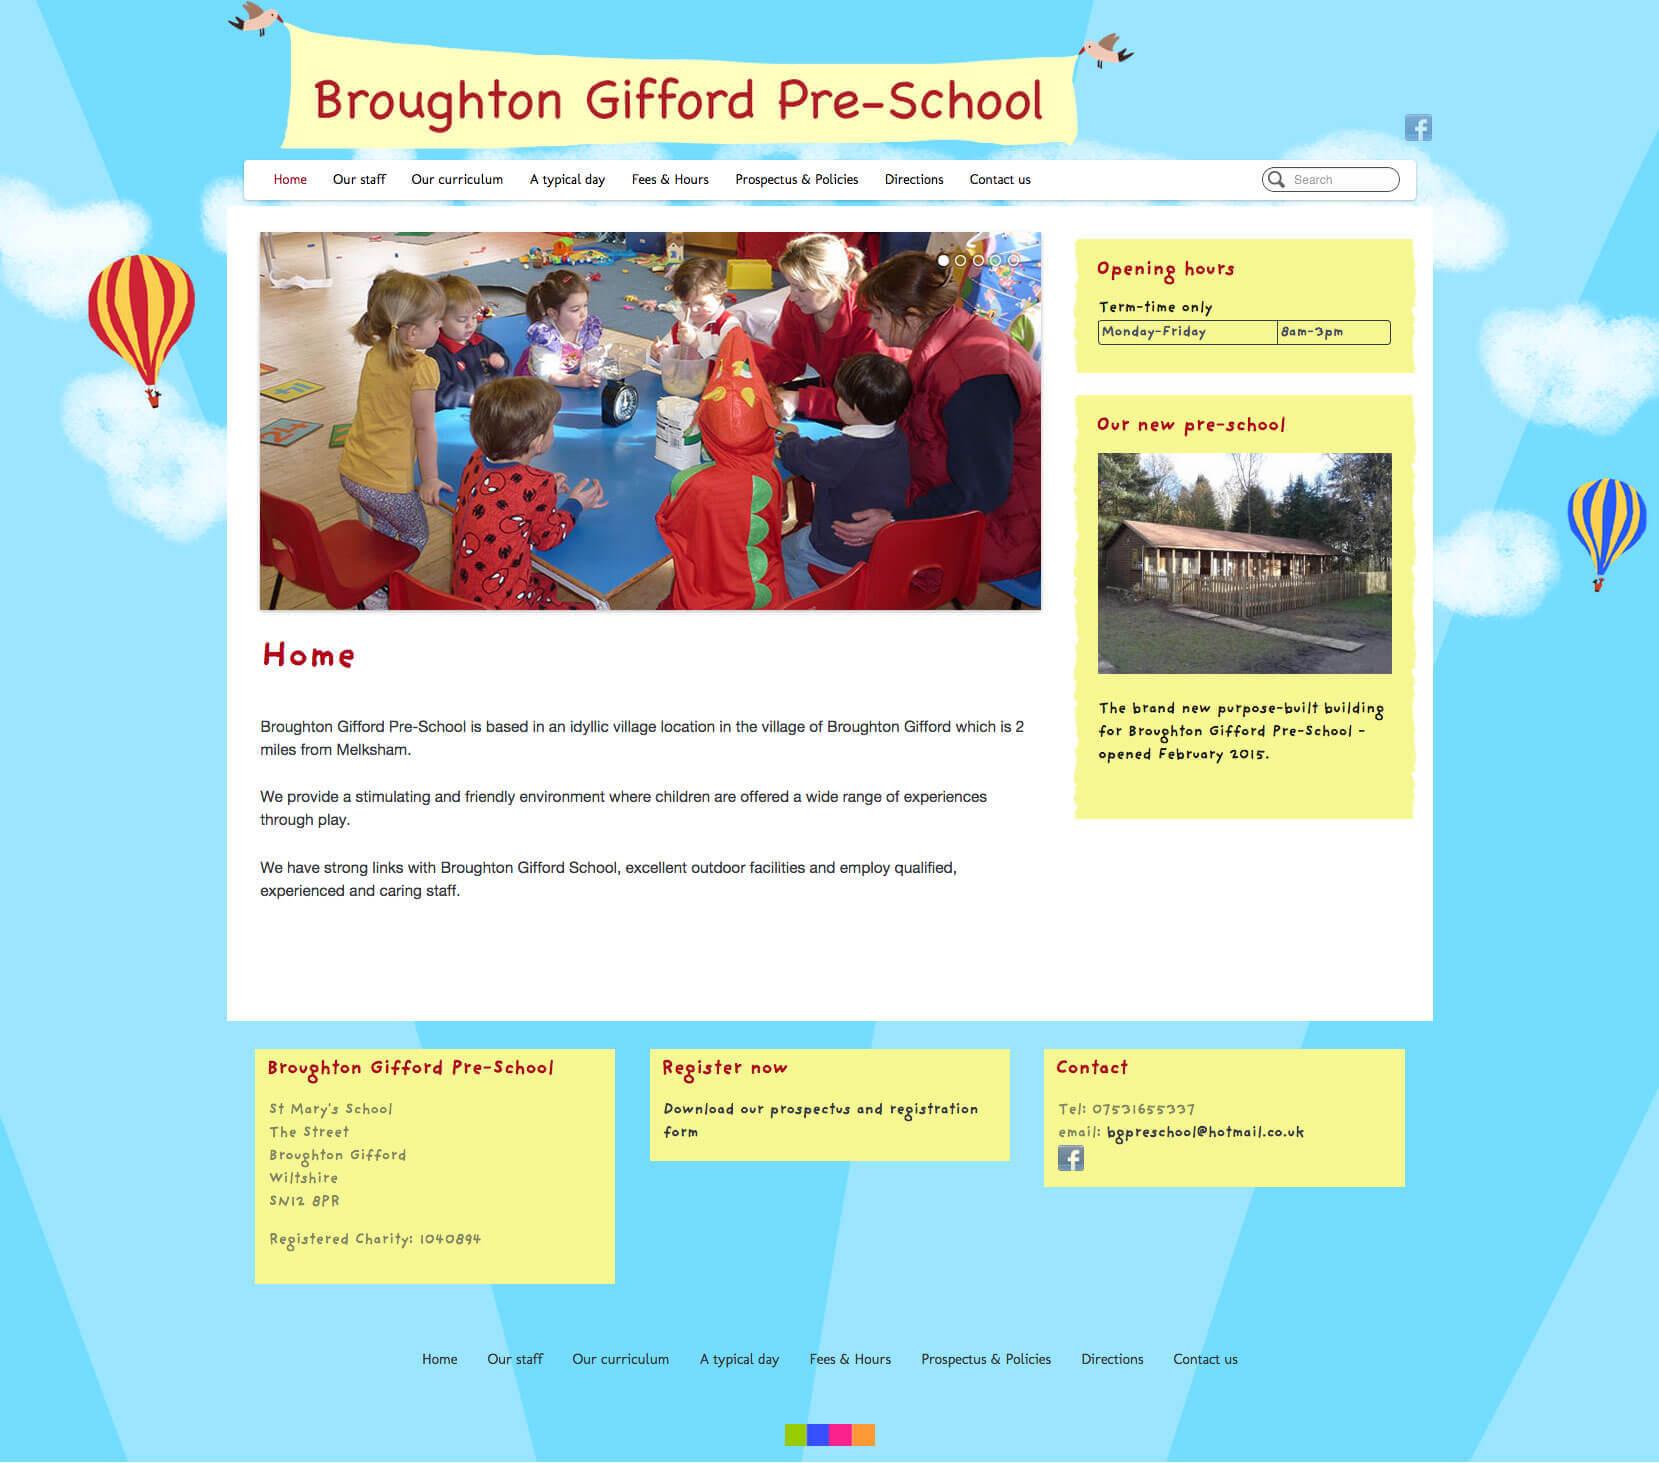 Broughton Gifford Pre-School